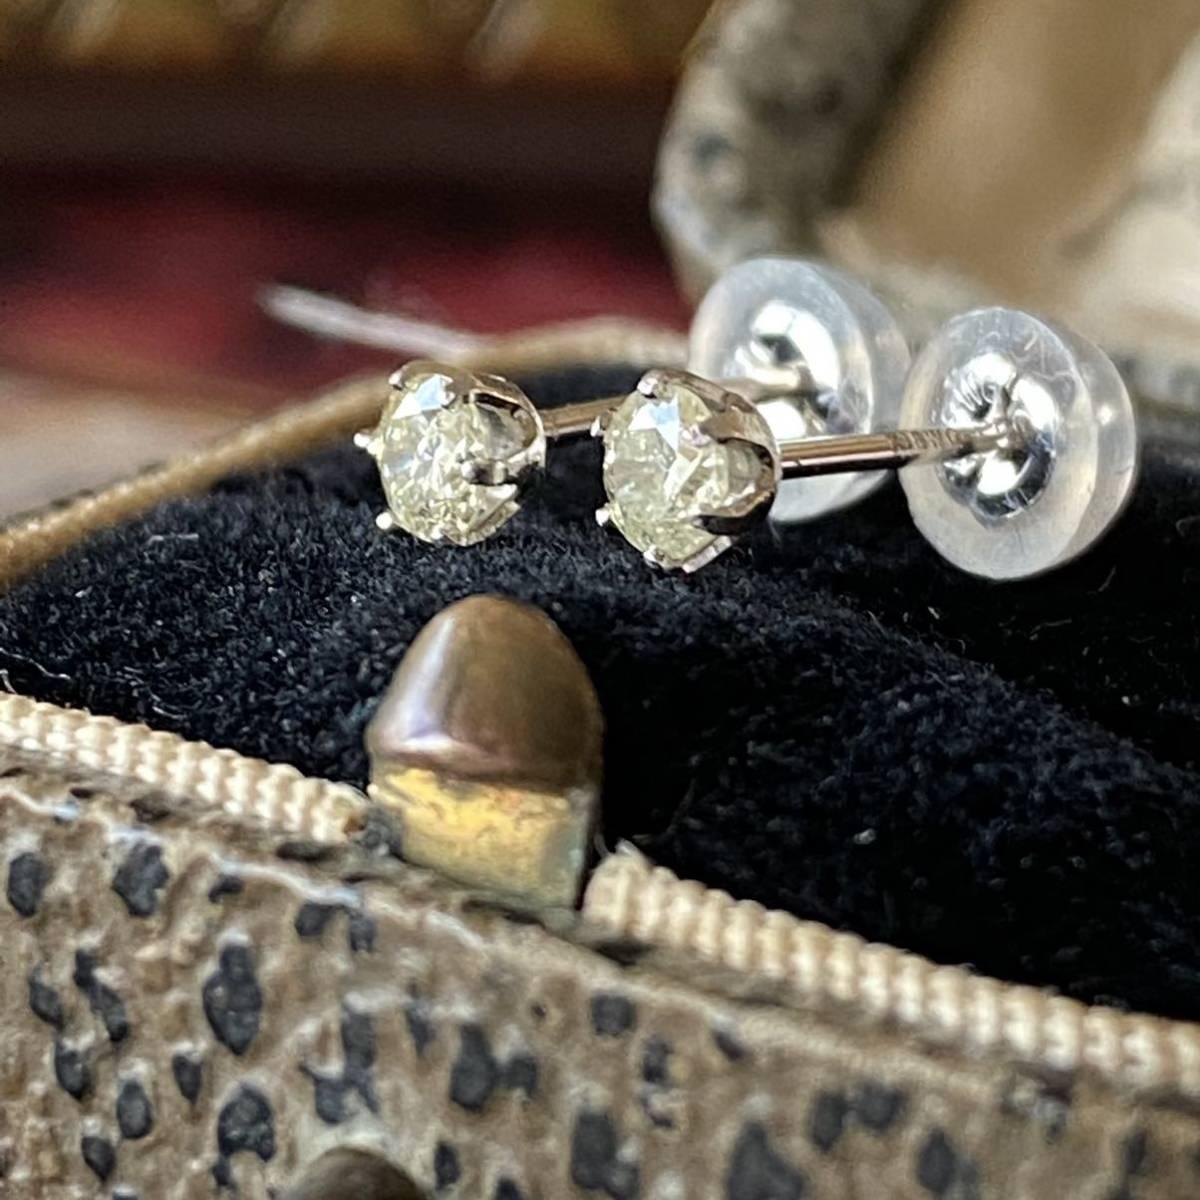 イエローダイヤモンド 1粒ピアス 18金ホワイトゴールド レモンイエロー 送料無料_画像2